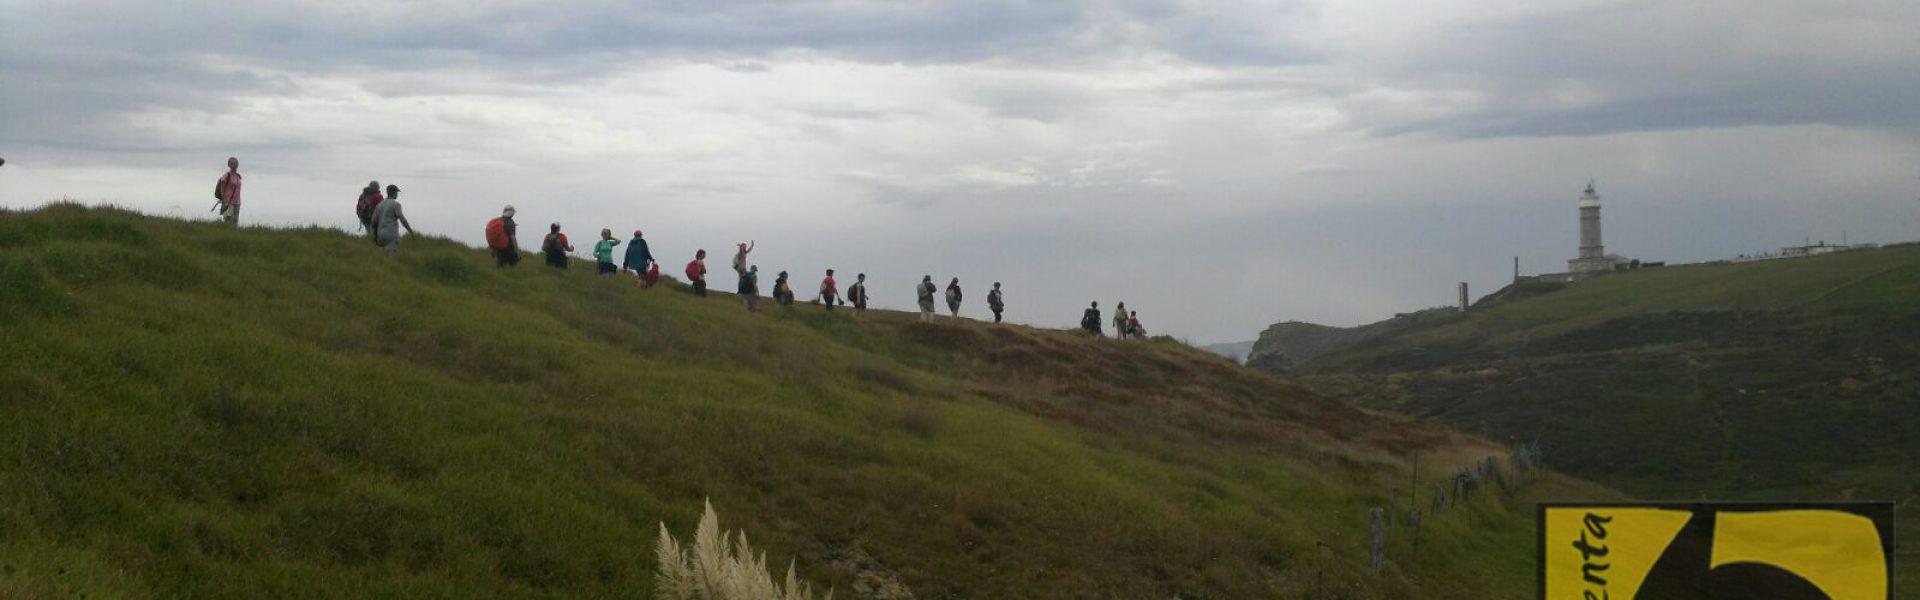 turismo-activo-la-tormenta-excursion-senderismo_03